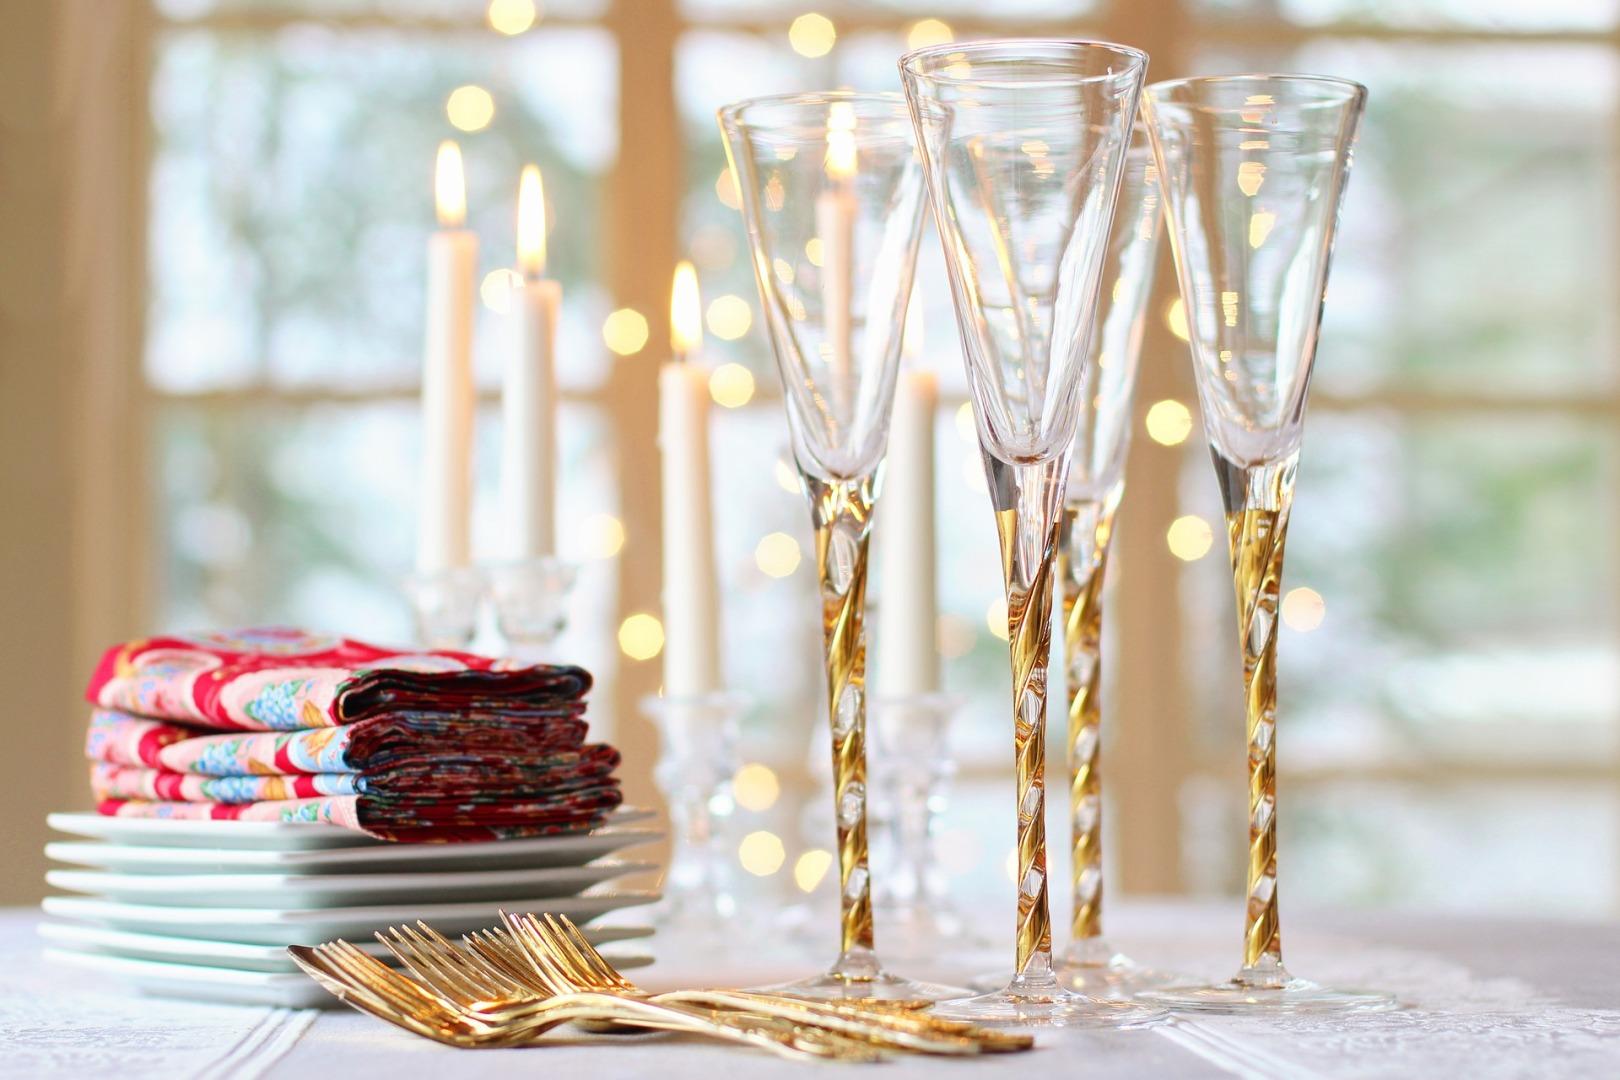 Kerstdiner Hoofdgerecht Kerst Voorgerecht Dessert